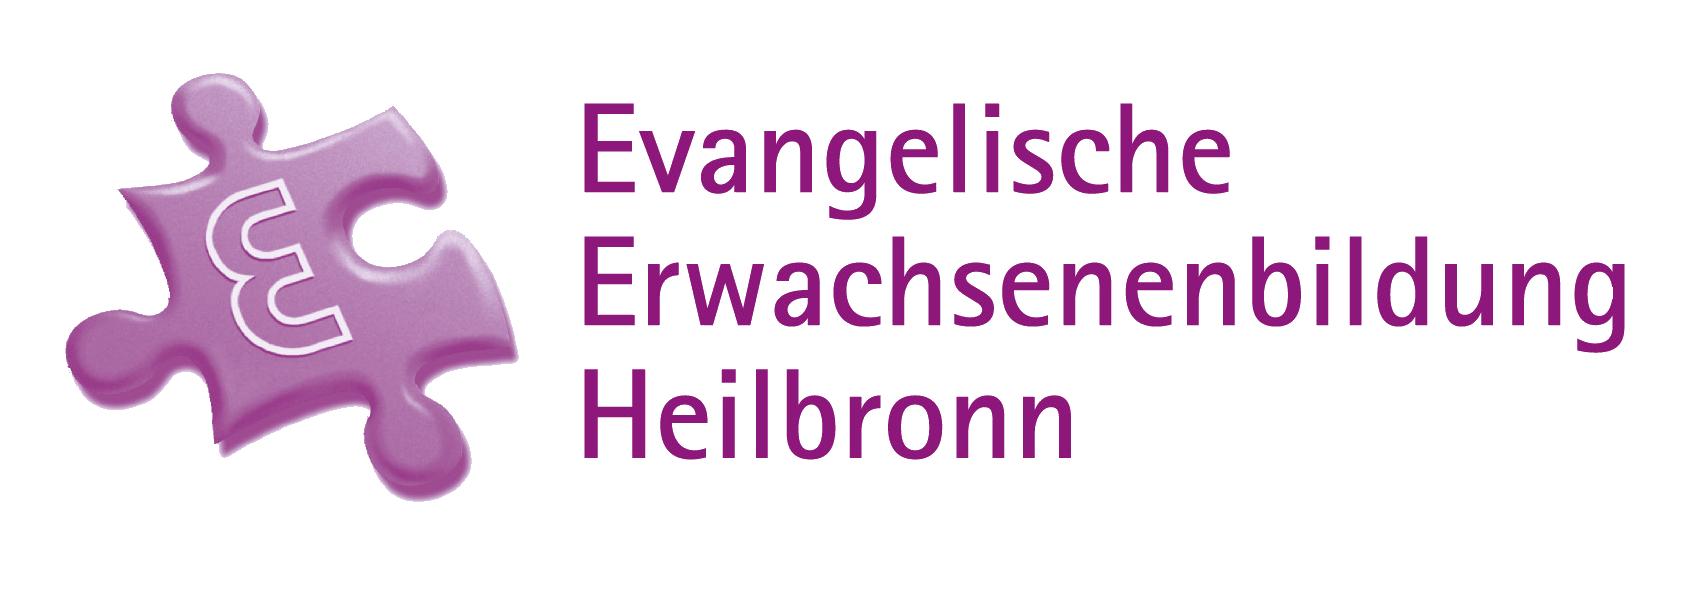 Evangelische Erwachsenenbildung Heilbronn